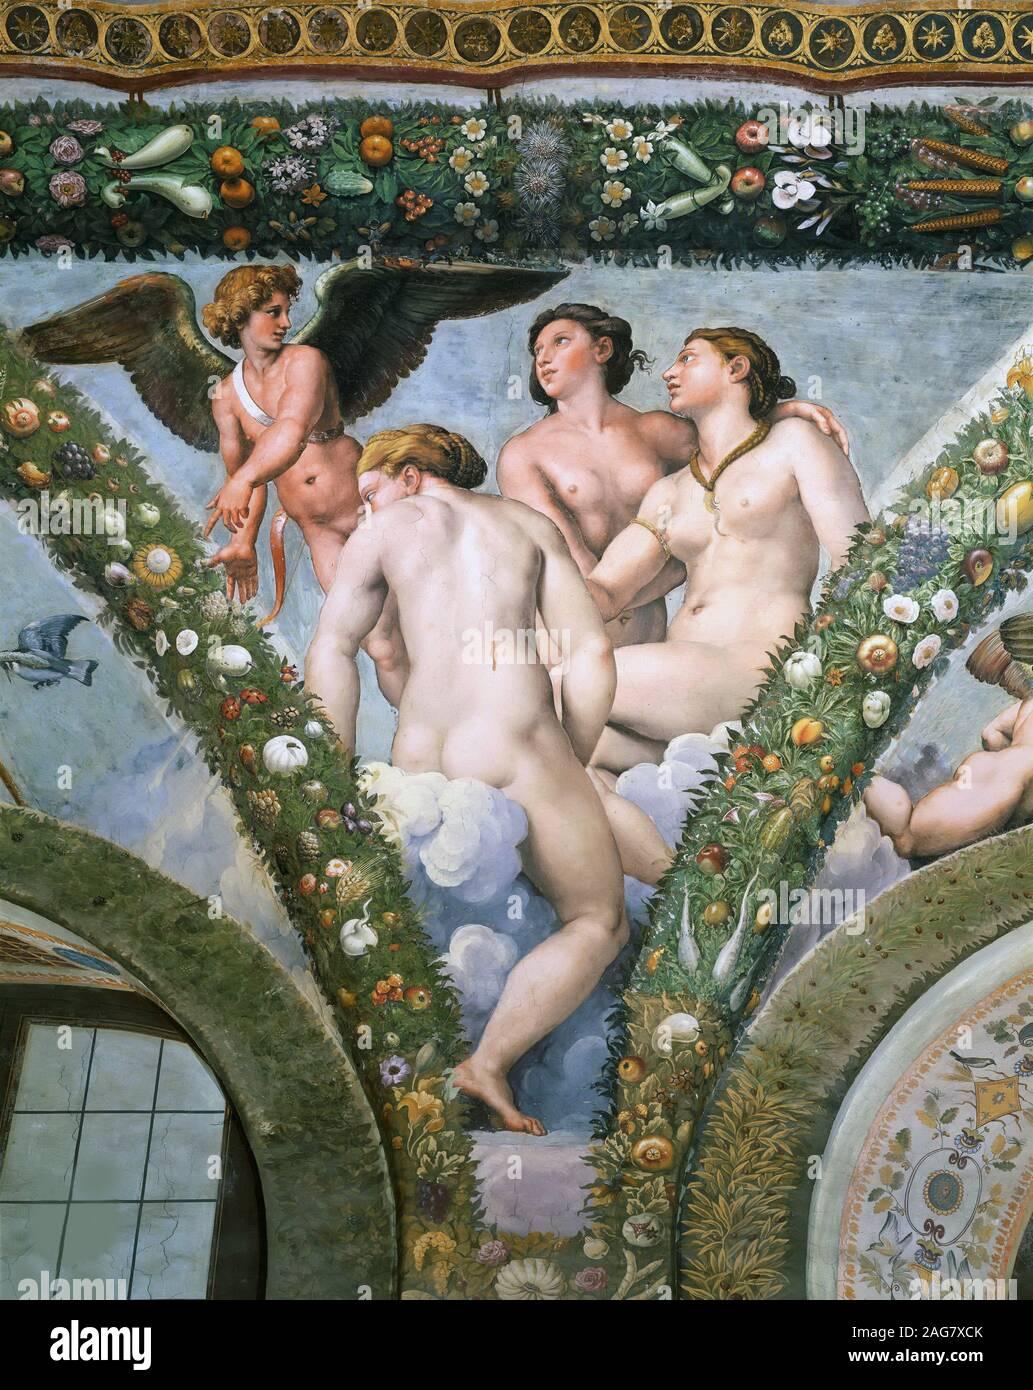 Amor und die Drei Grazien, 1517-1518. In der Sammlung der Villa Farnesina, Rom gefunden. Stockfoto